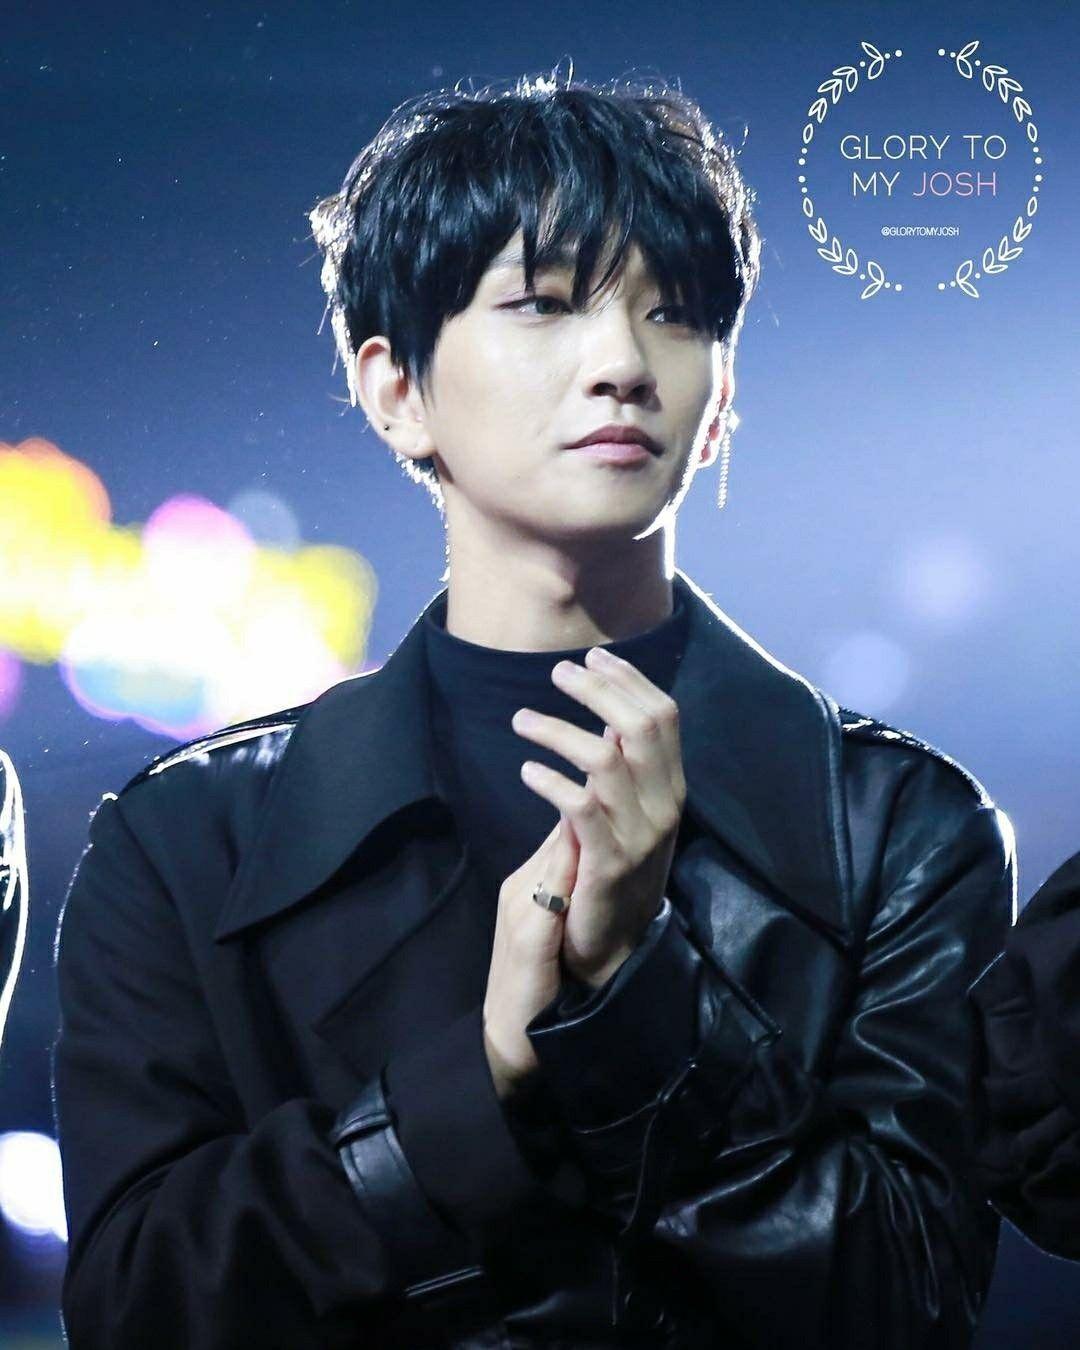 Pin By Ccosmo On Kpop Idols Joshua Seventeen Joshua Hong Seventeen